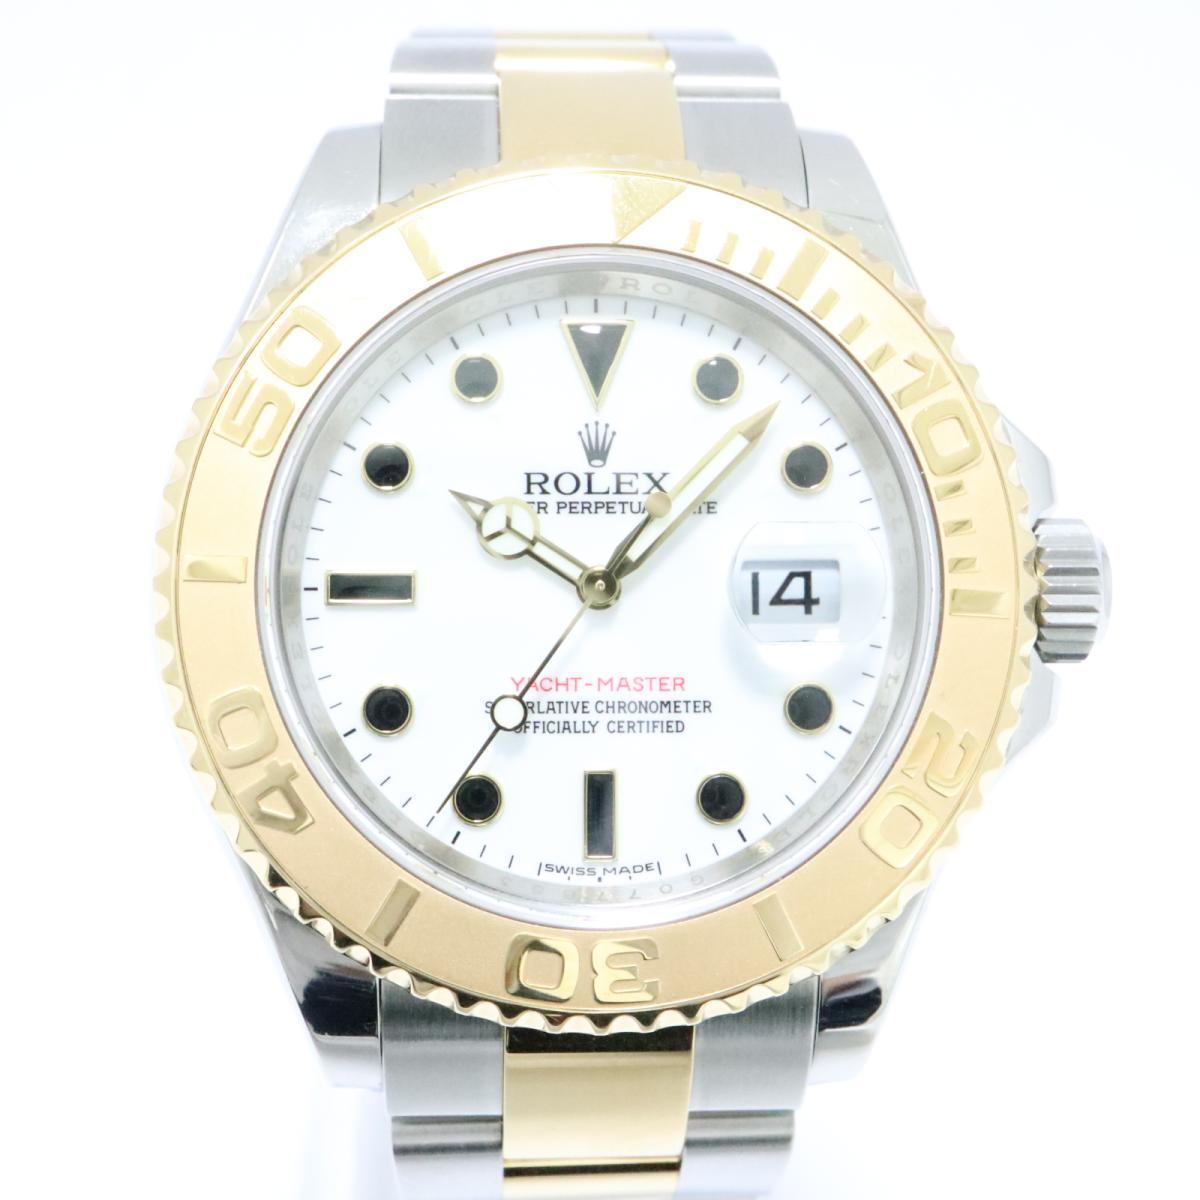 ロレックス ヨットマスター ウォッチ 腕時計 時計 メンズ K18YG (750) イエローゴールド × SS (16623) 【中古】 | ROLEX BRANDOFF ブランドオフ ブランド ブランド時計 ブランド腕時計